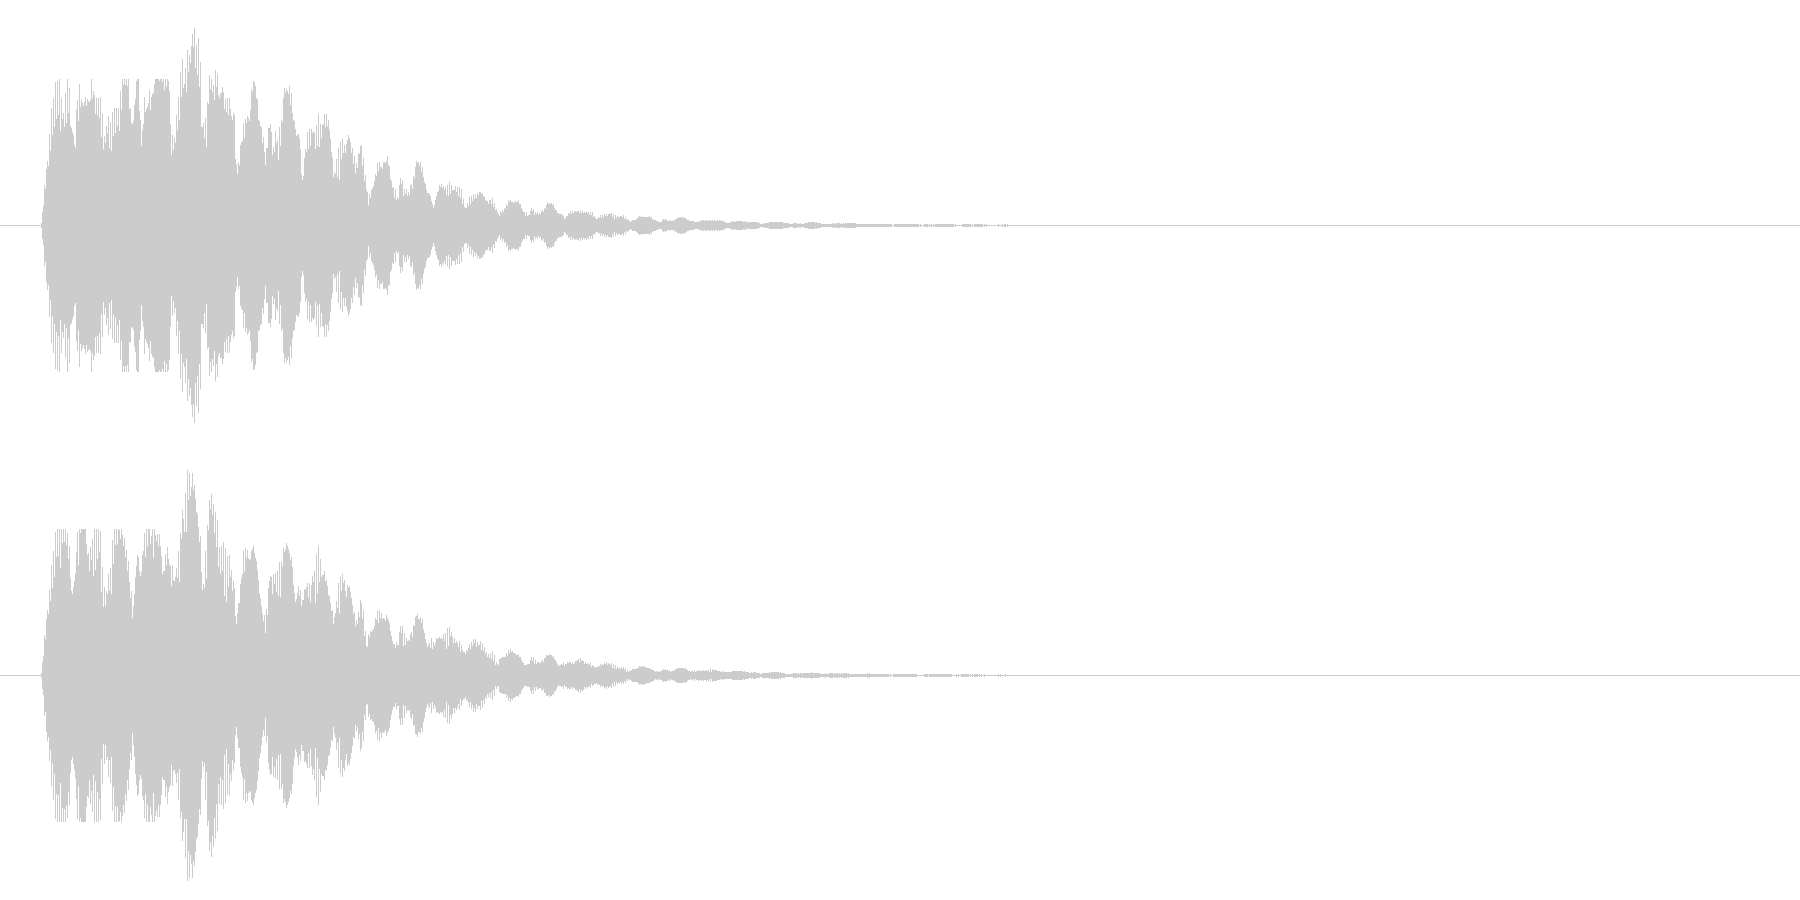 キラキラお知らせベルの未再生の波形